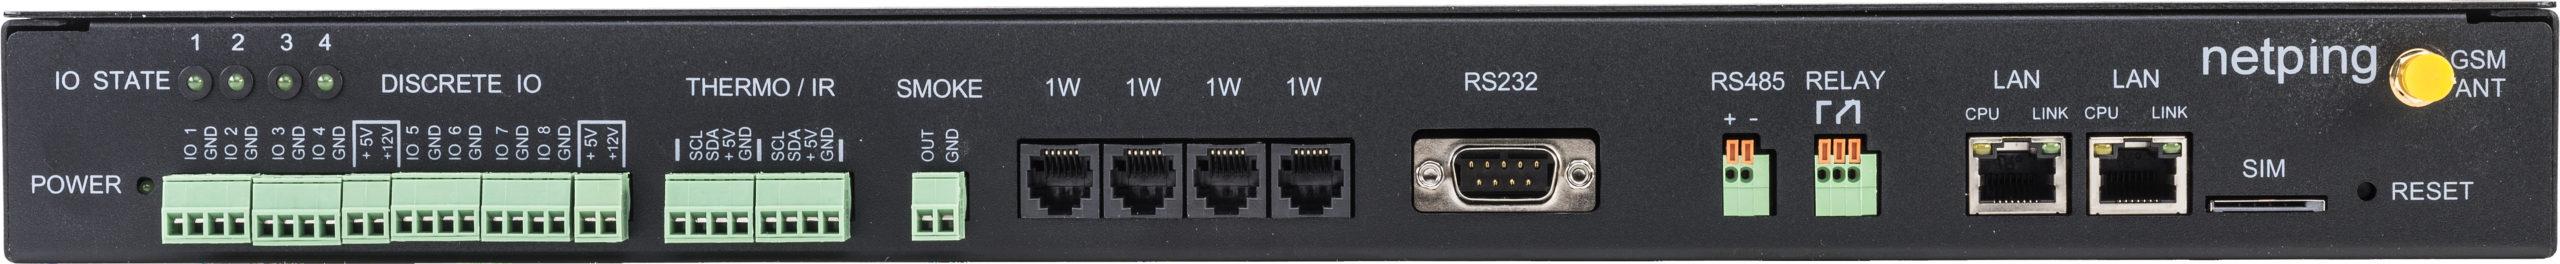 Устройство мониторинга микроклимата серверной комнаты UniPing server solution v4SMS - передняя панель